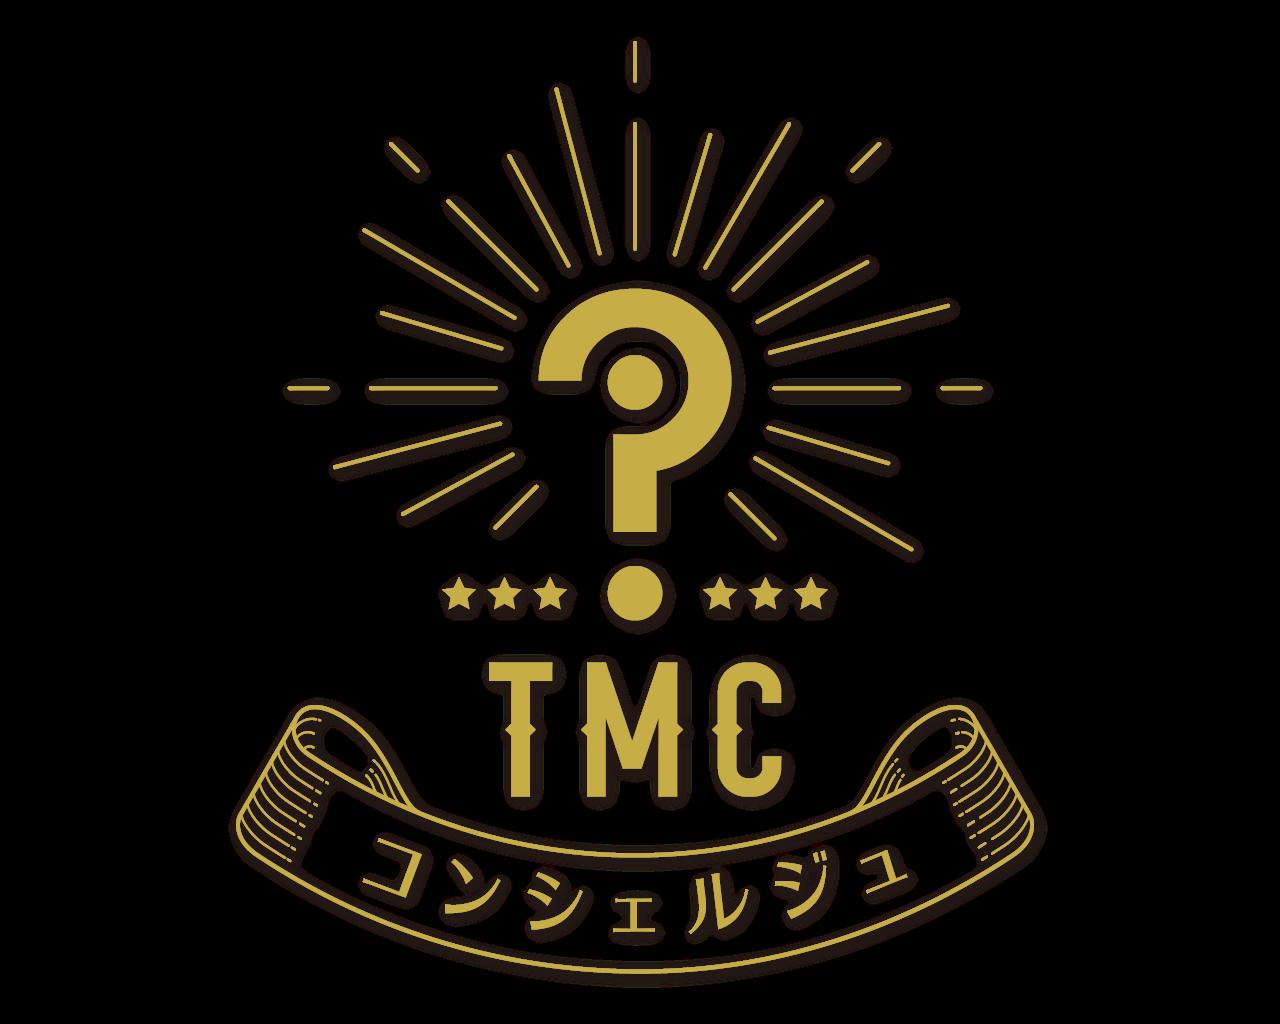 TMCコンシェルジュ